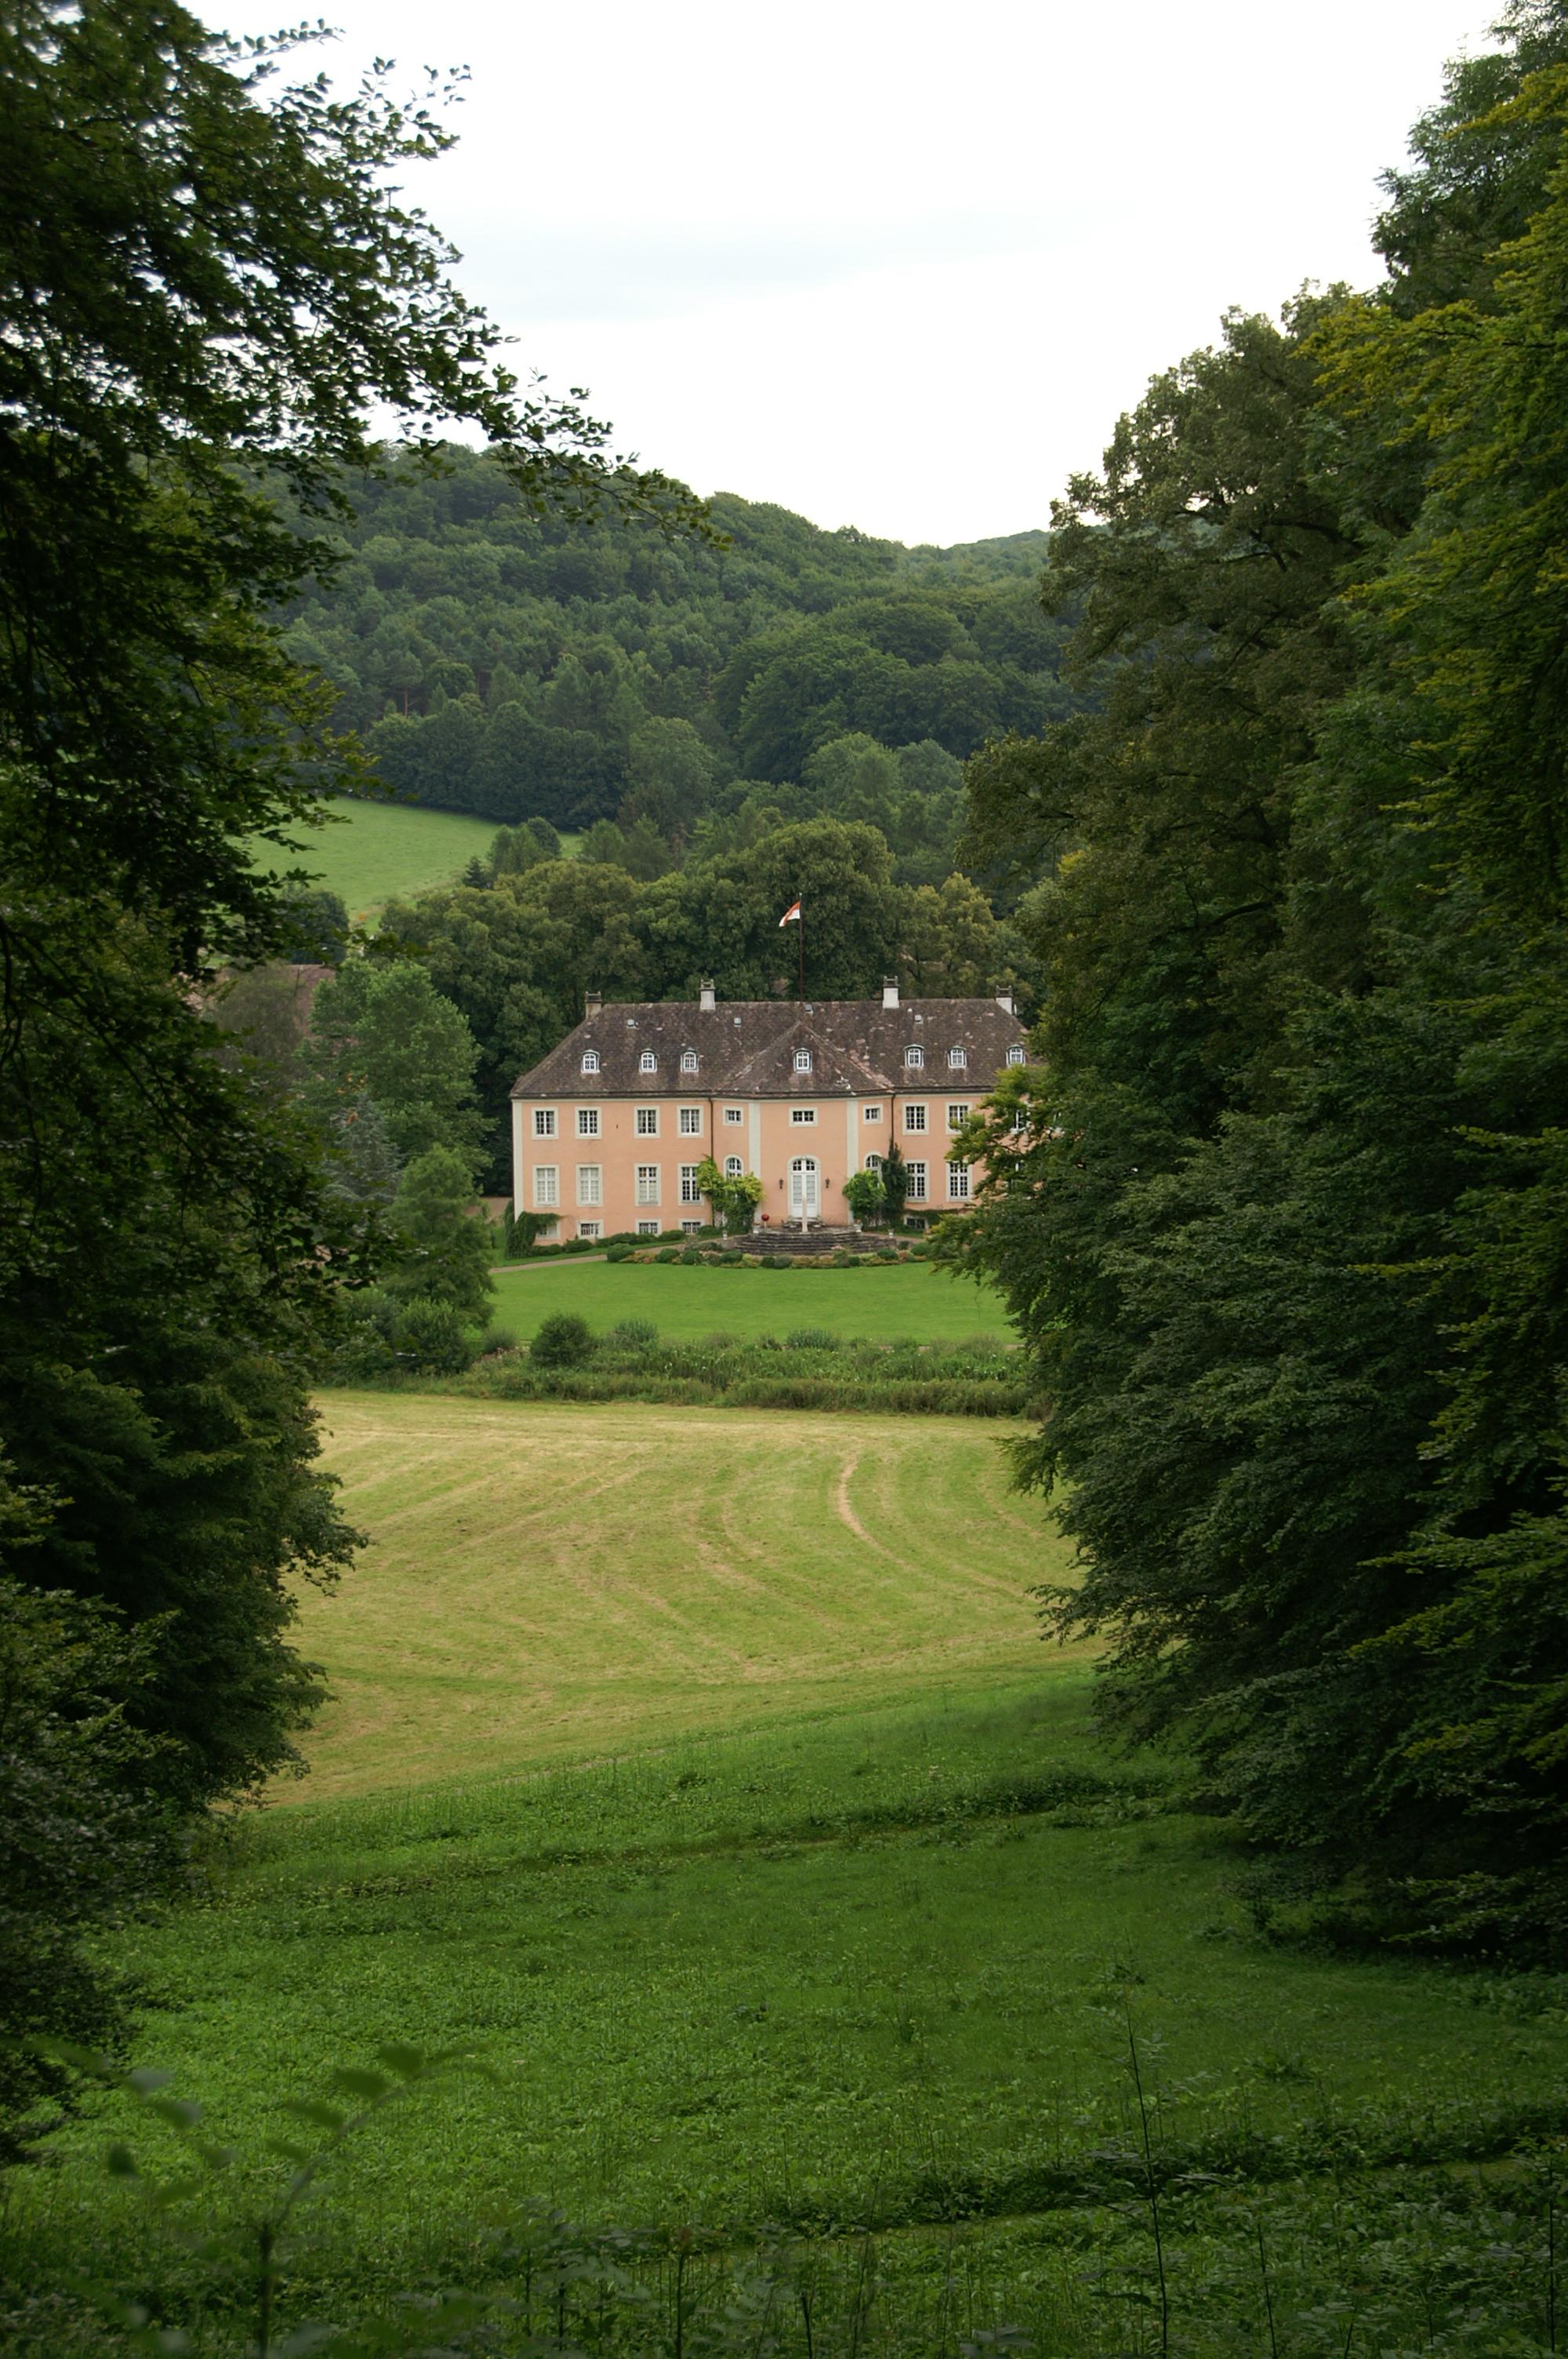 Zum Schloss Rheder besteht eine schöne Sichtbeziehung